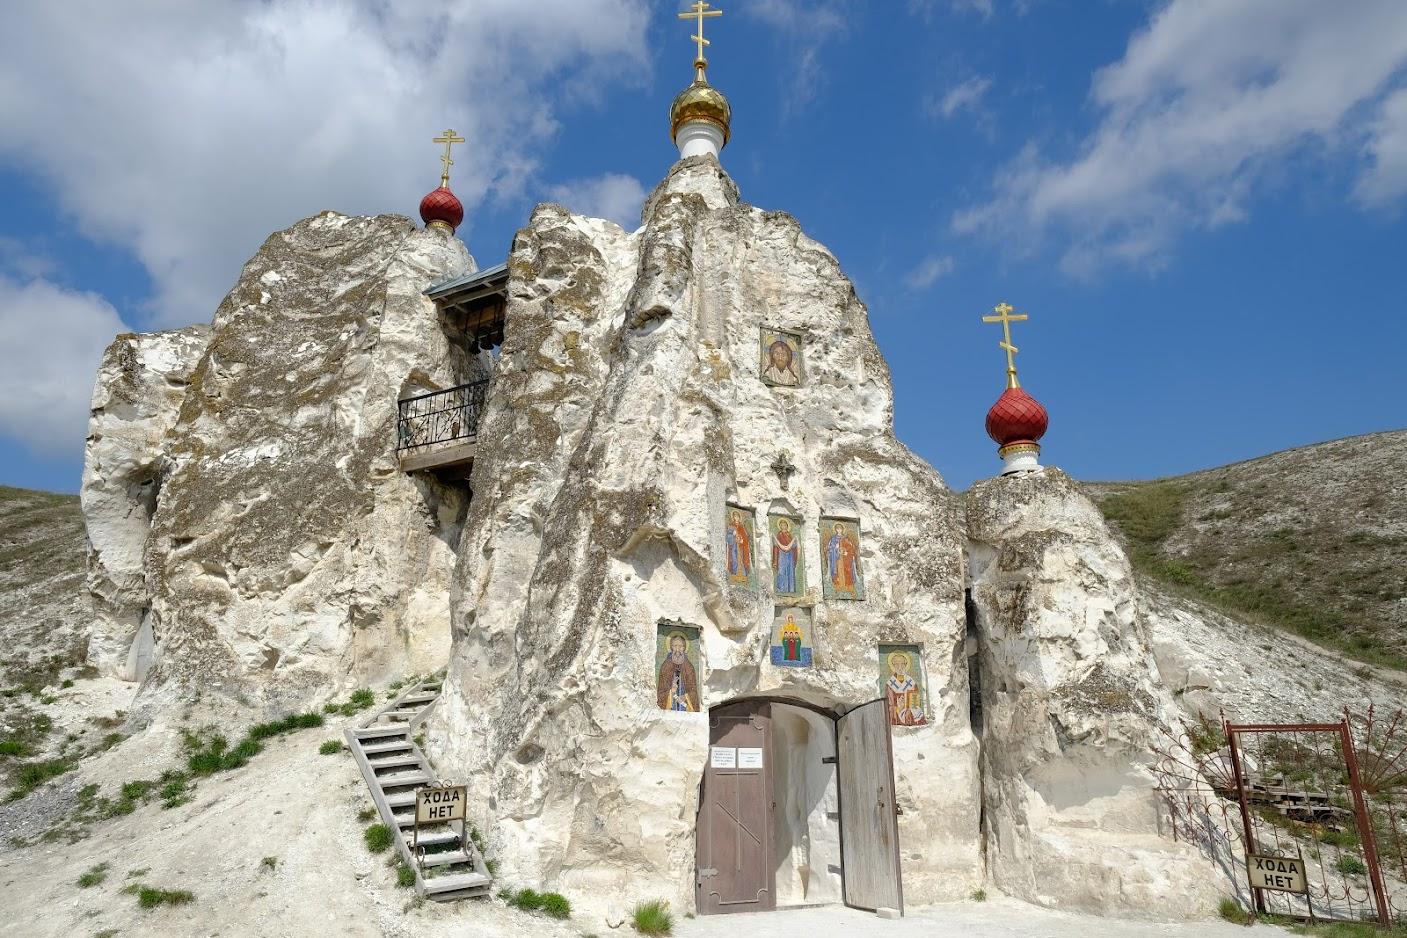 Главный алтарь храма освящен в честь Нерукотворного образа Спаса.